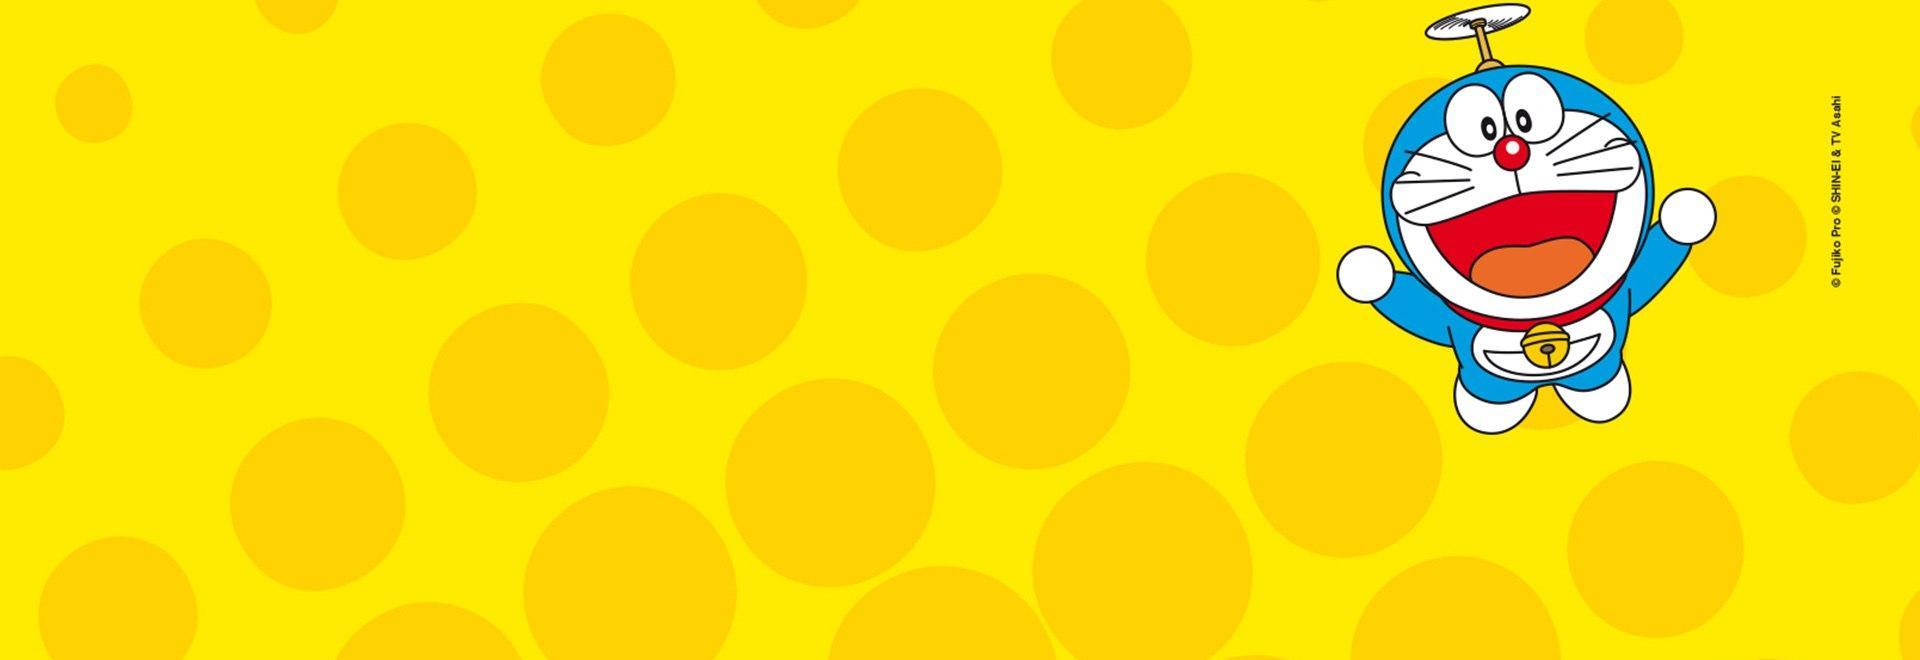 Dichiarazione d'amore / Collezione di Nobita